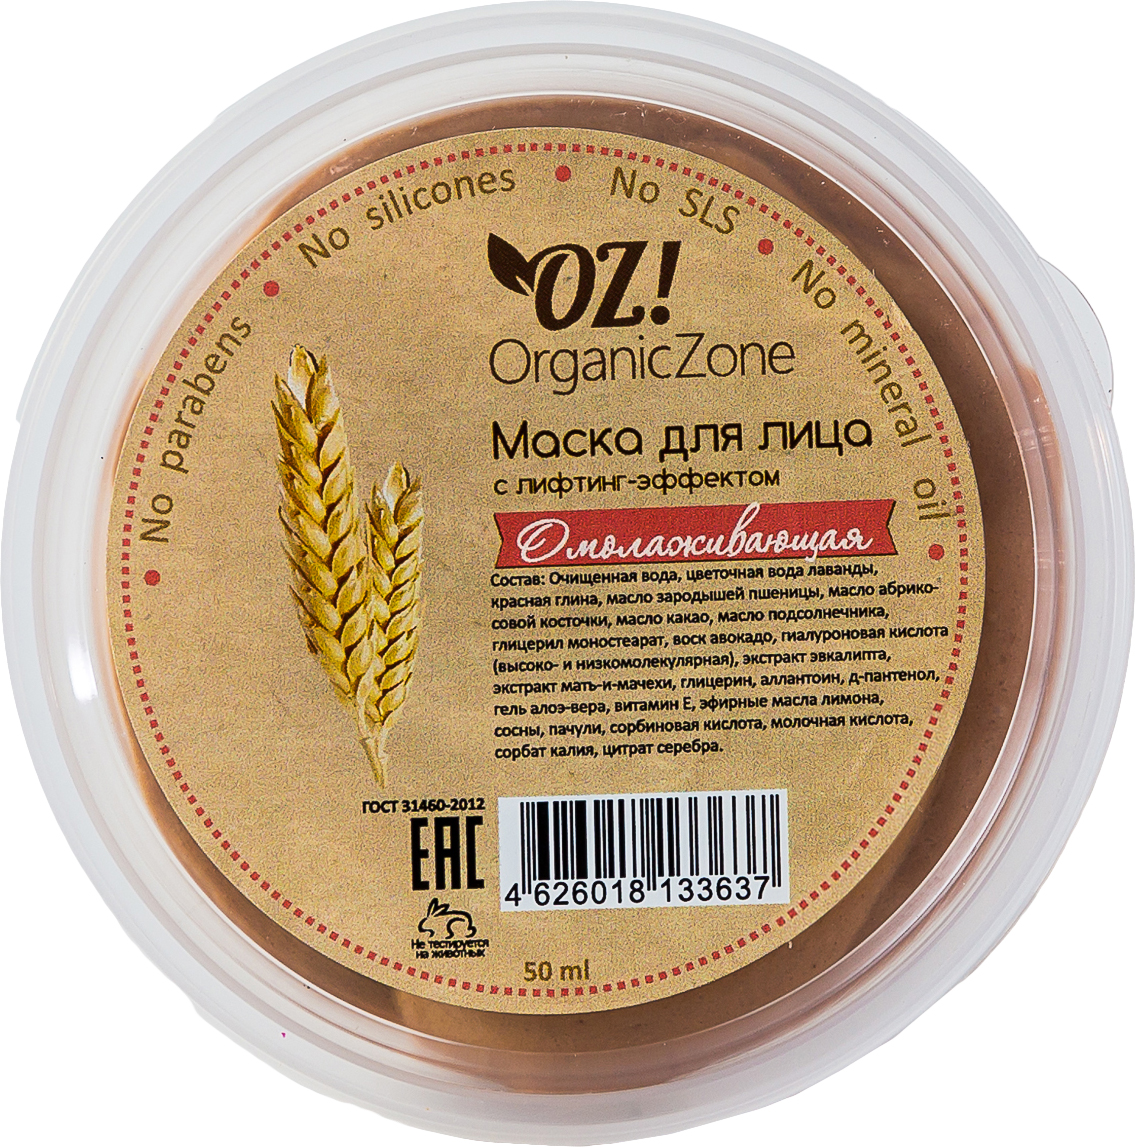 OrganicZone Маска для лица Омолаживающая с лифтинг-эффектом, 50 мл4626018133637Красная глина подтягивает кожу лица, успокаивает раздраженную кожу и разглаживает мимические морщины. Содержащиеся в оливковом масле витамины A, Е, Д, К продлевают молодость кожи.